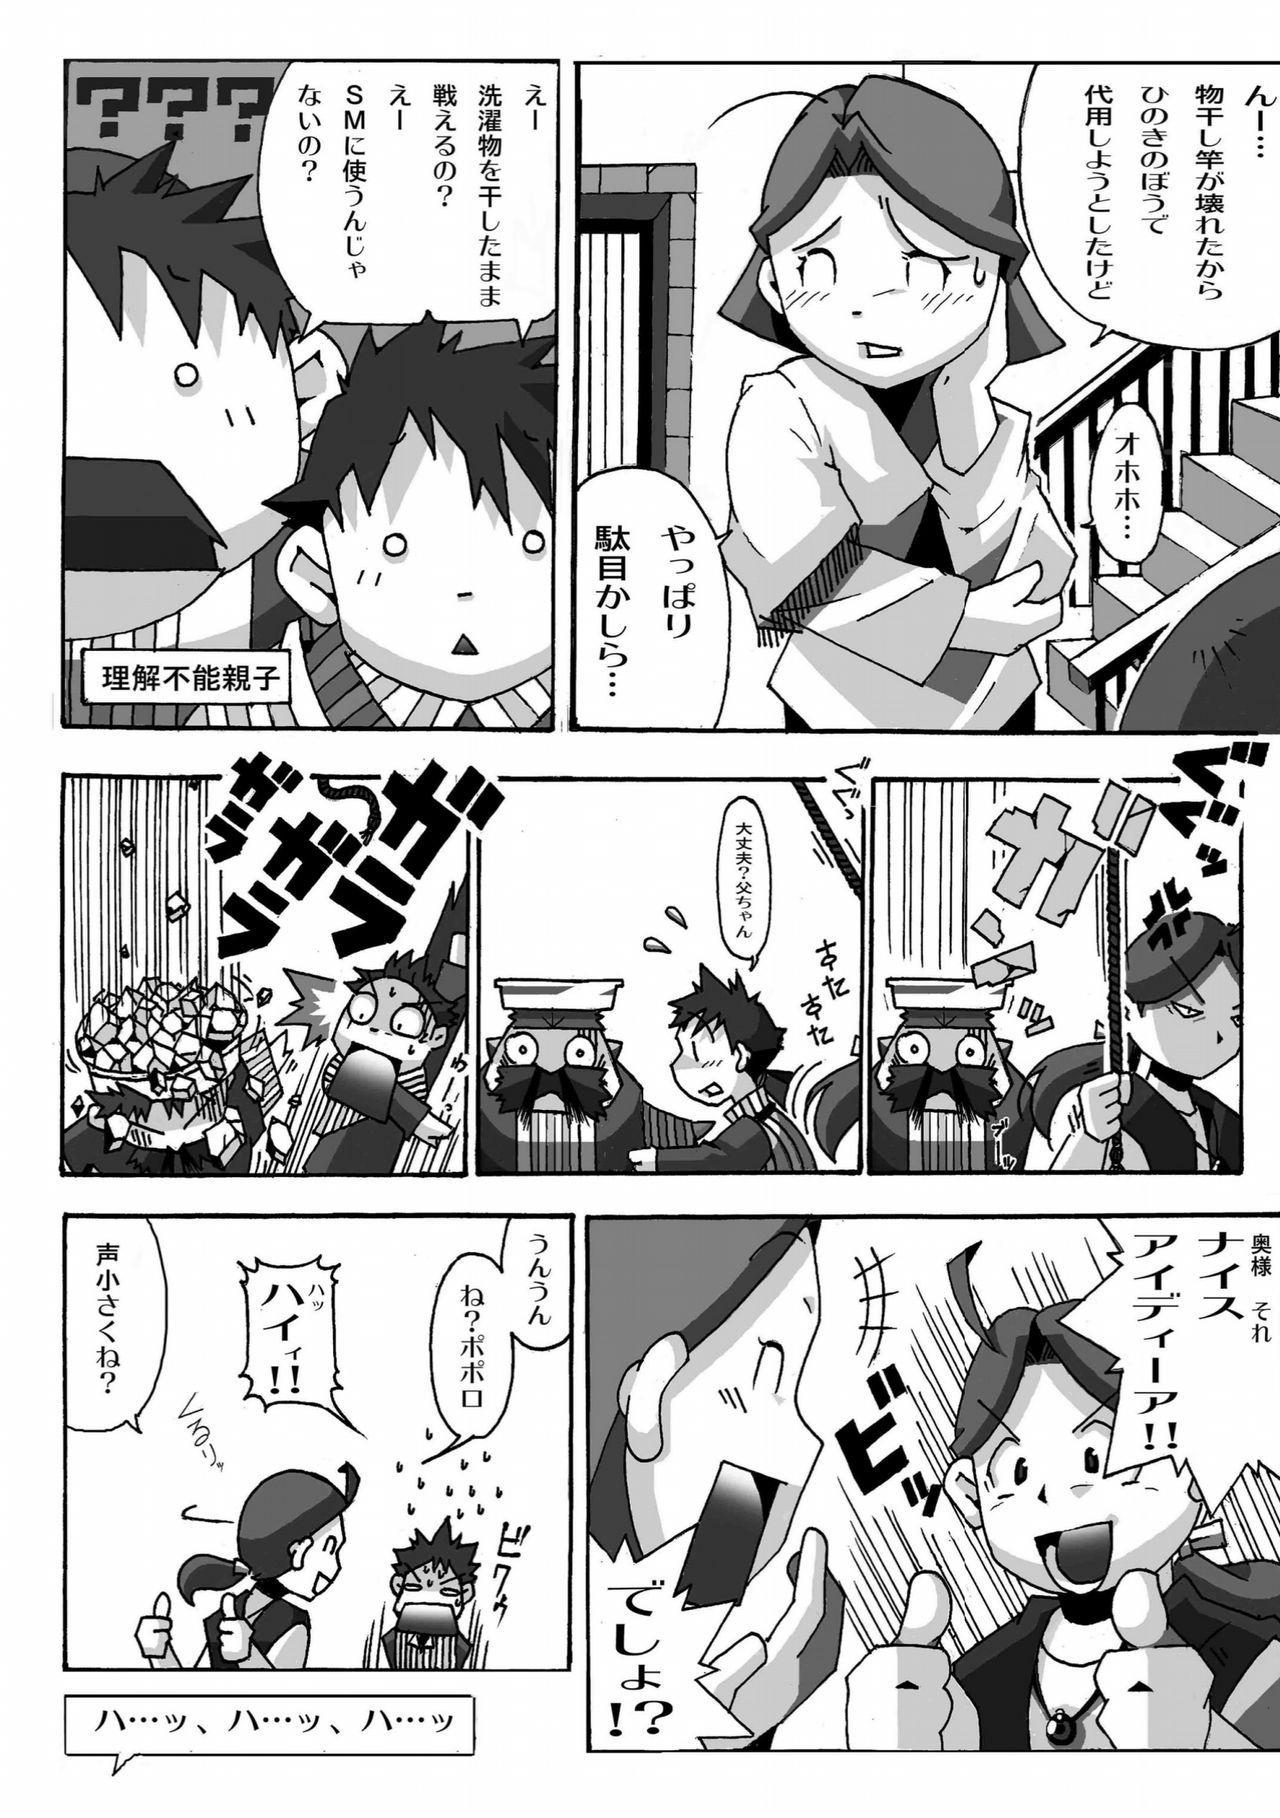 Torneko no Himitsu 7